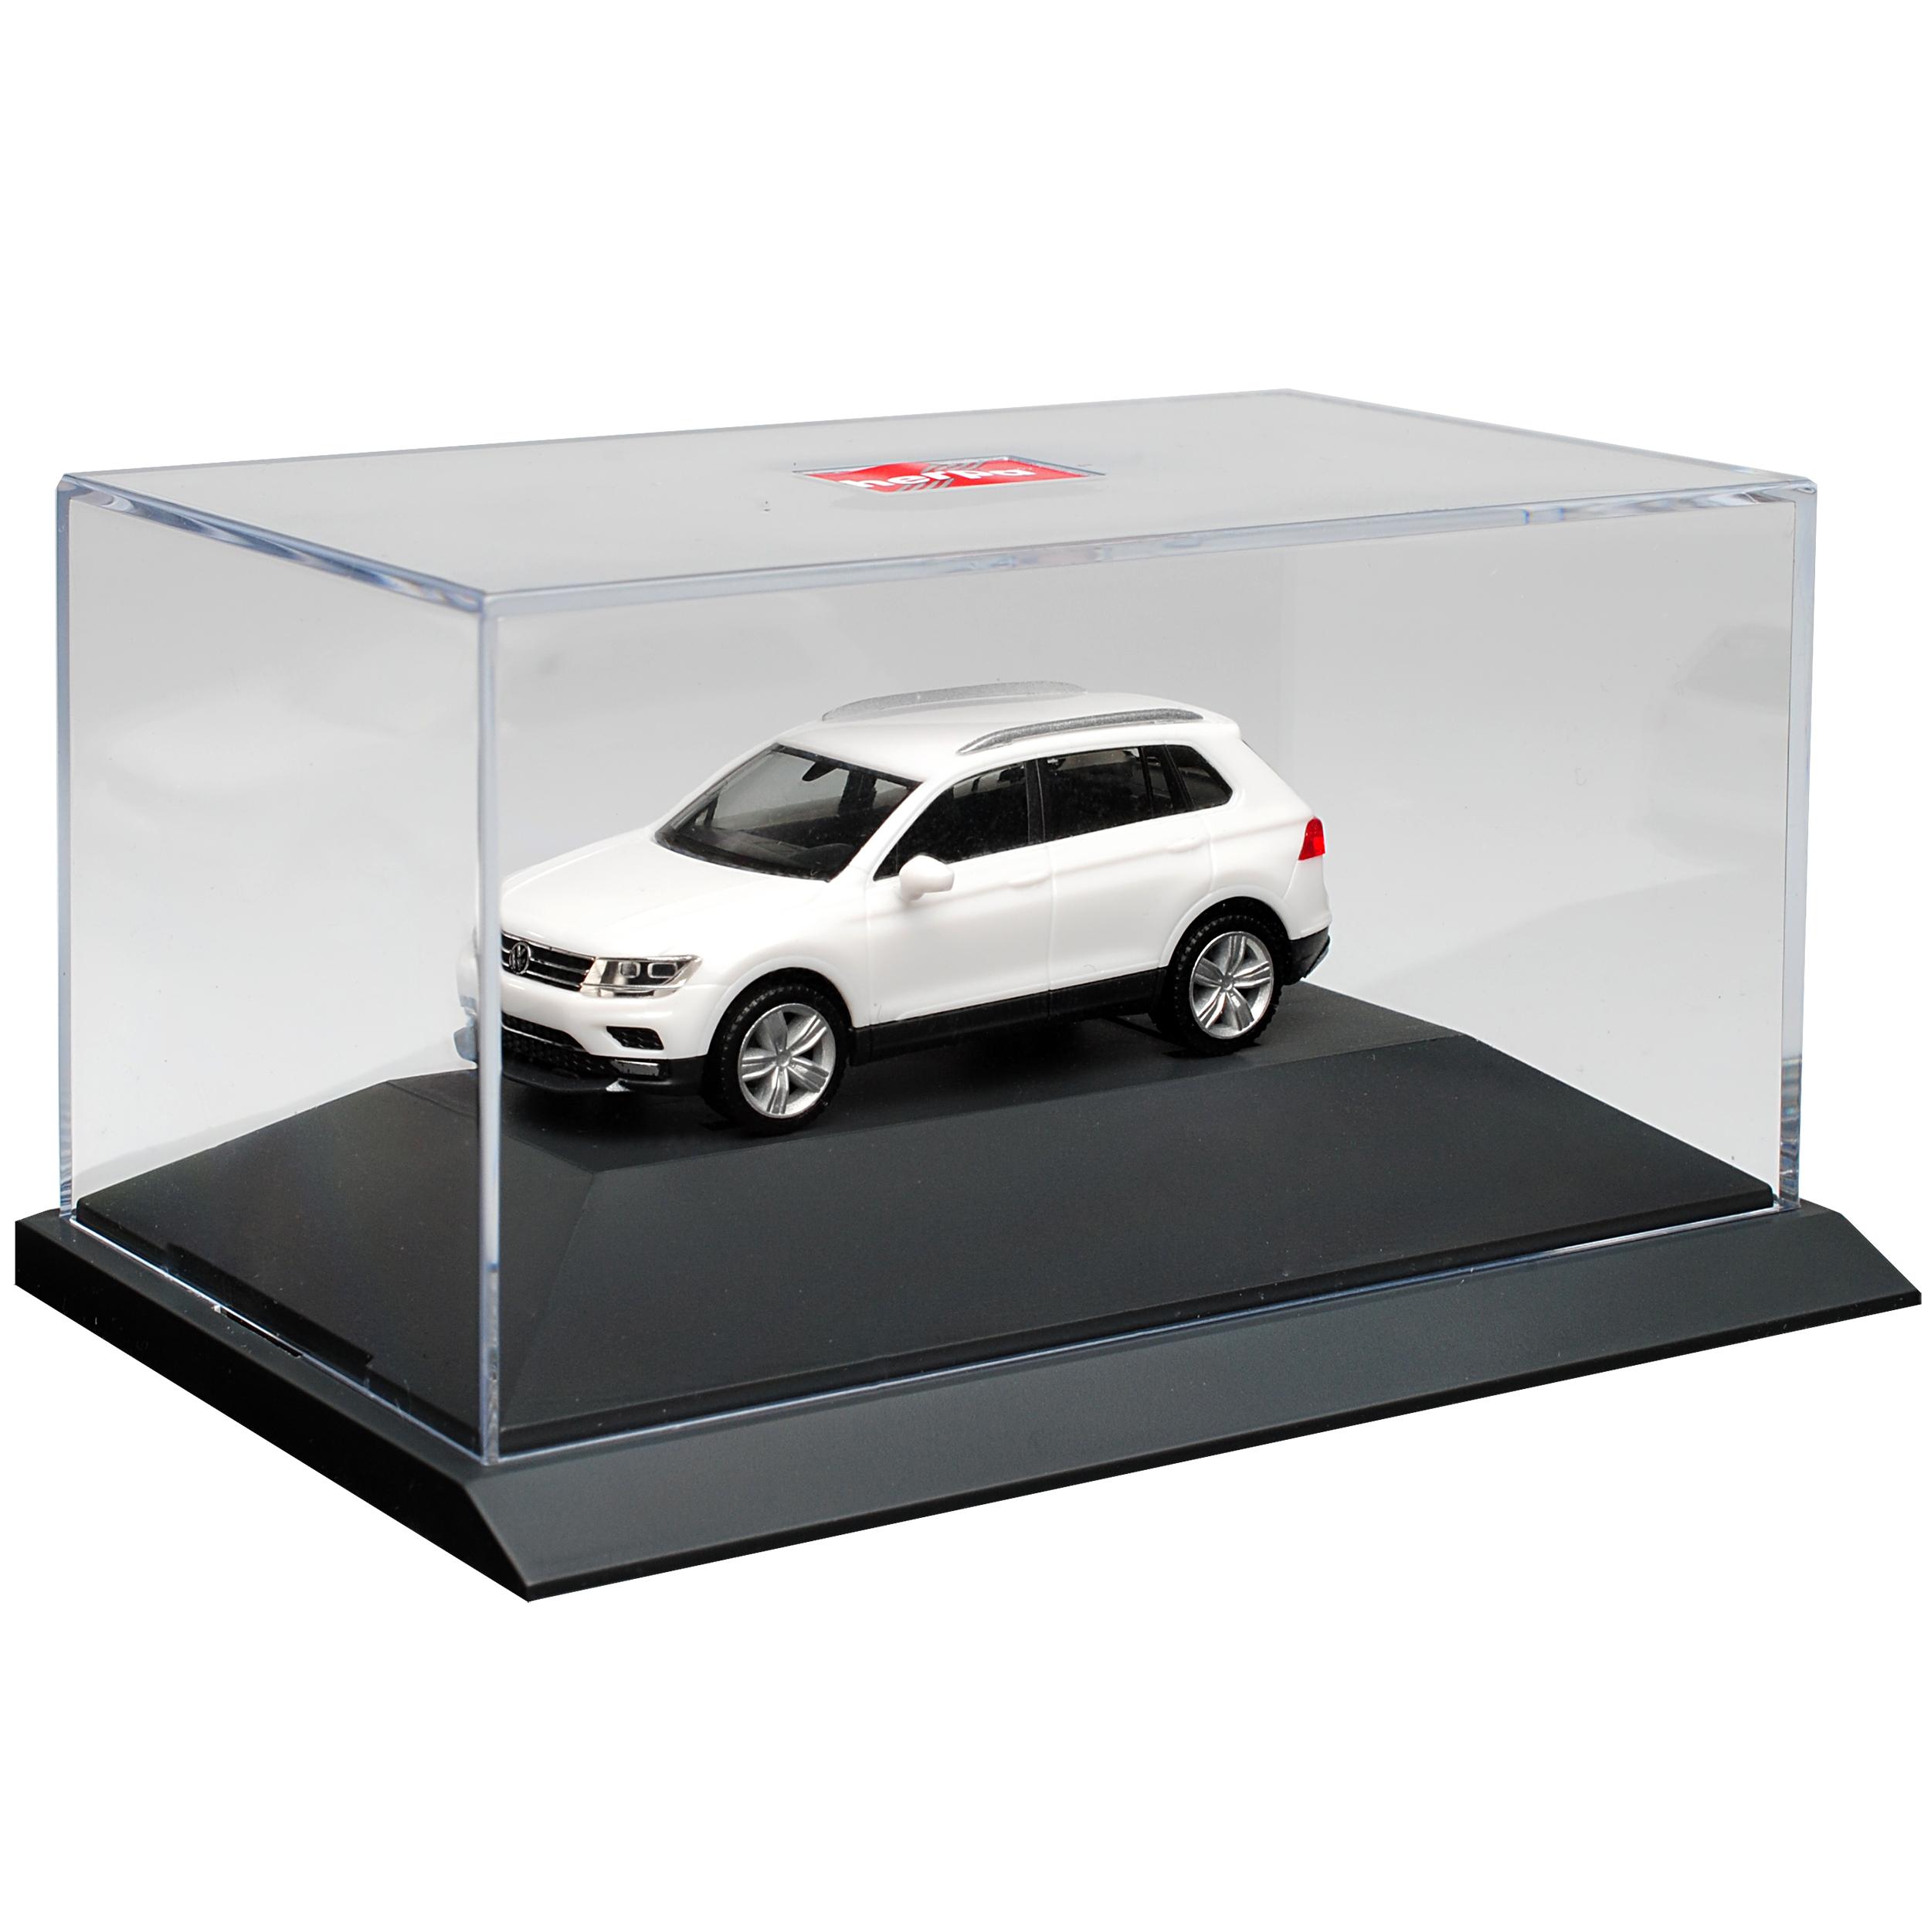 generación a partir de 2015 con zócalo y vitrina h0... VW Volkswagen Tiguan II Weiss 2